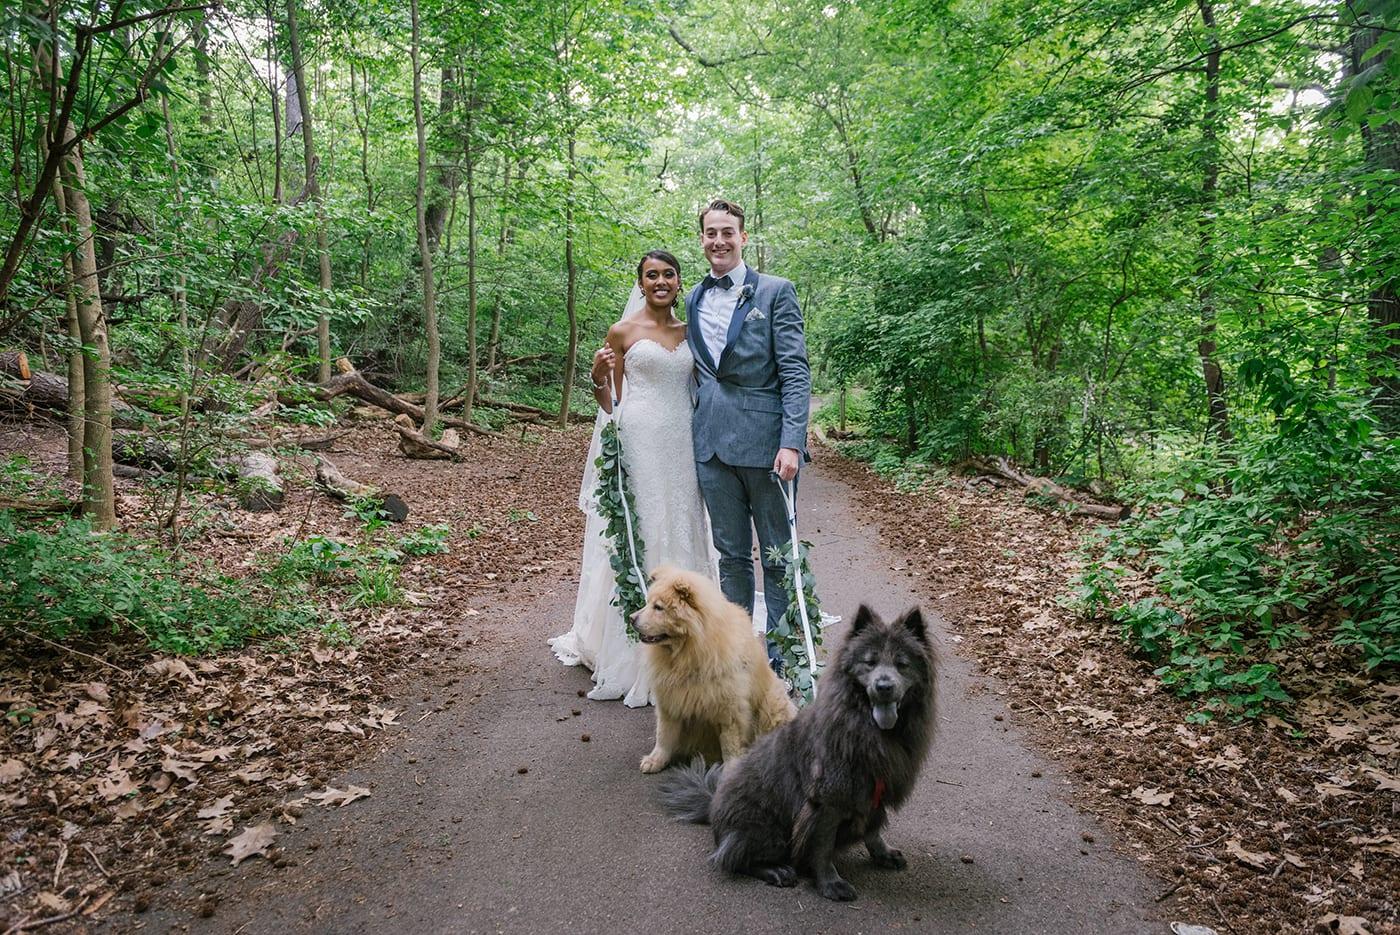 Prospect Park Boathouse wedding in Brooklyn, New York. Photos by Brooklyn wedding photographer, www.everlystudios.com